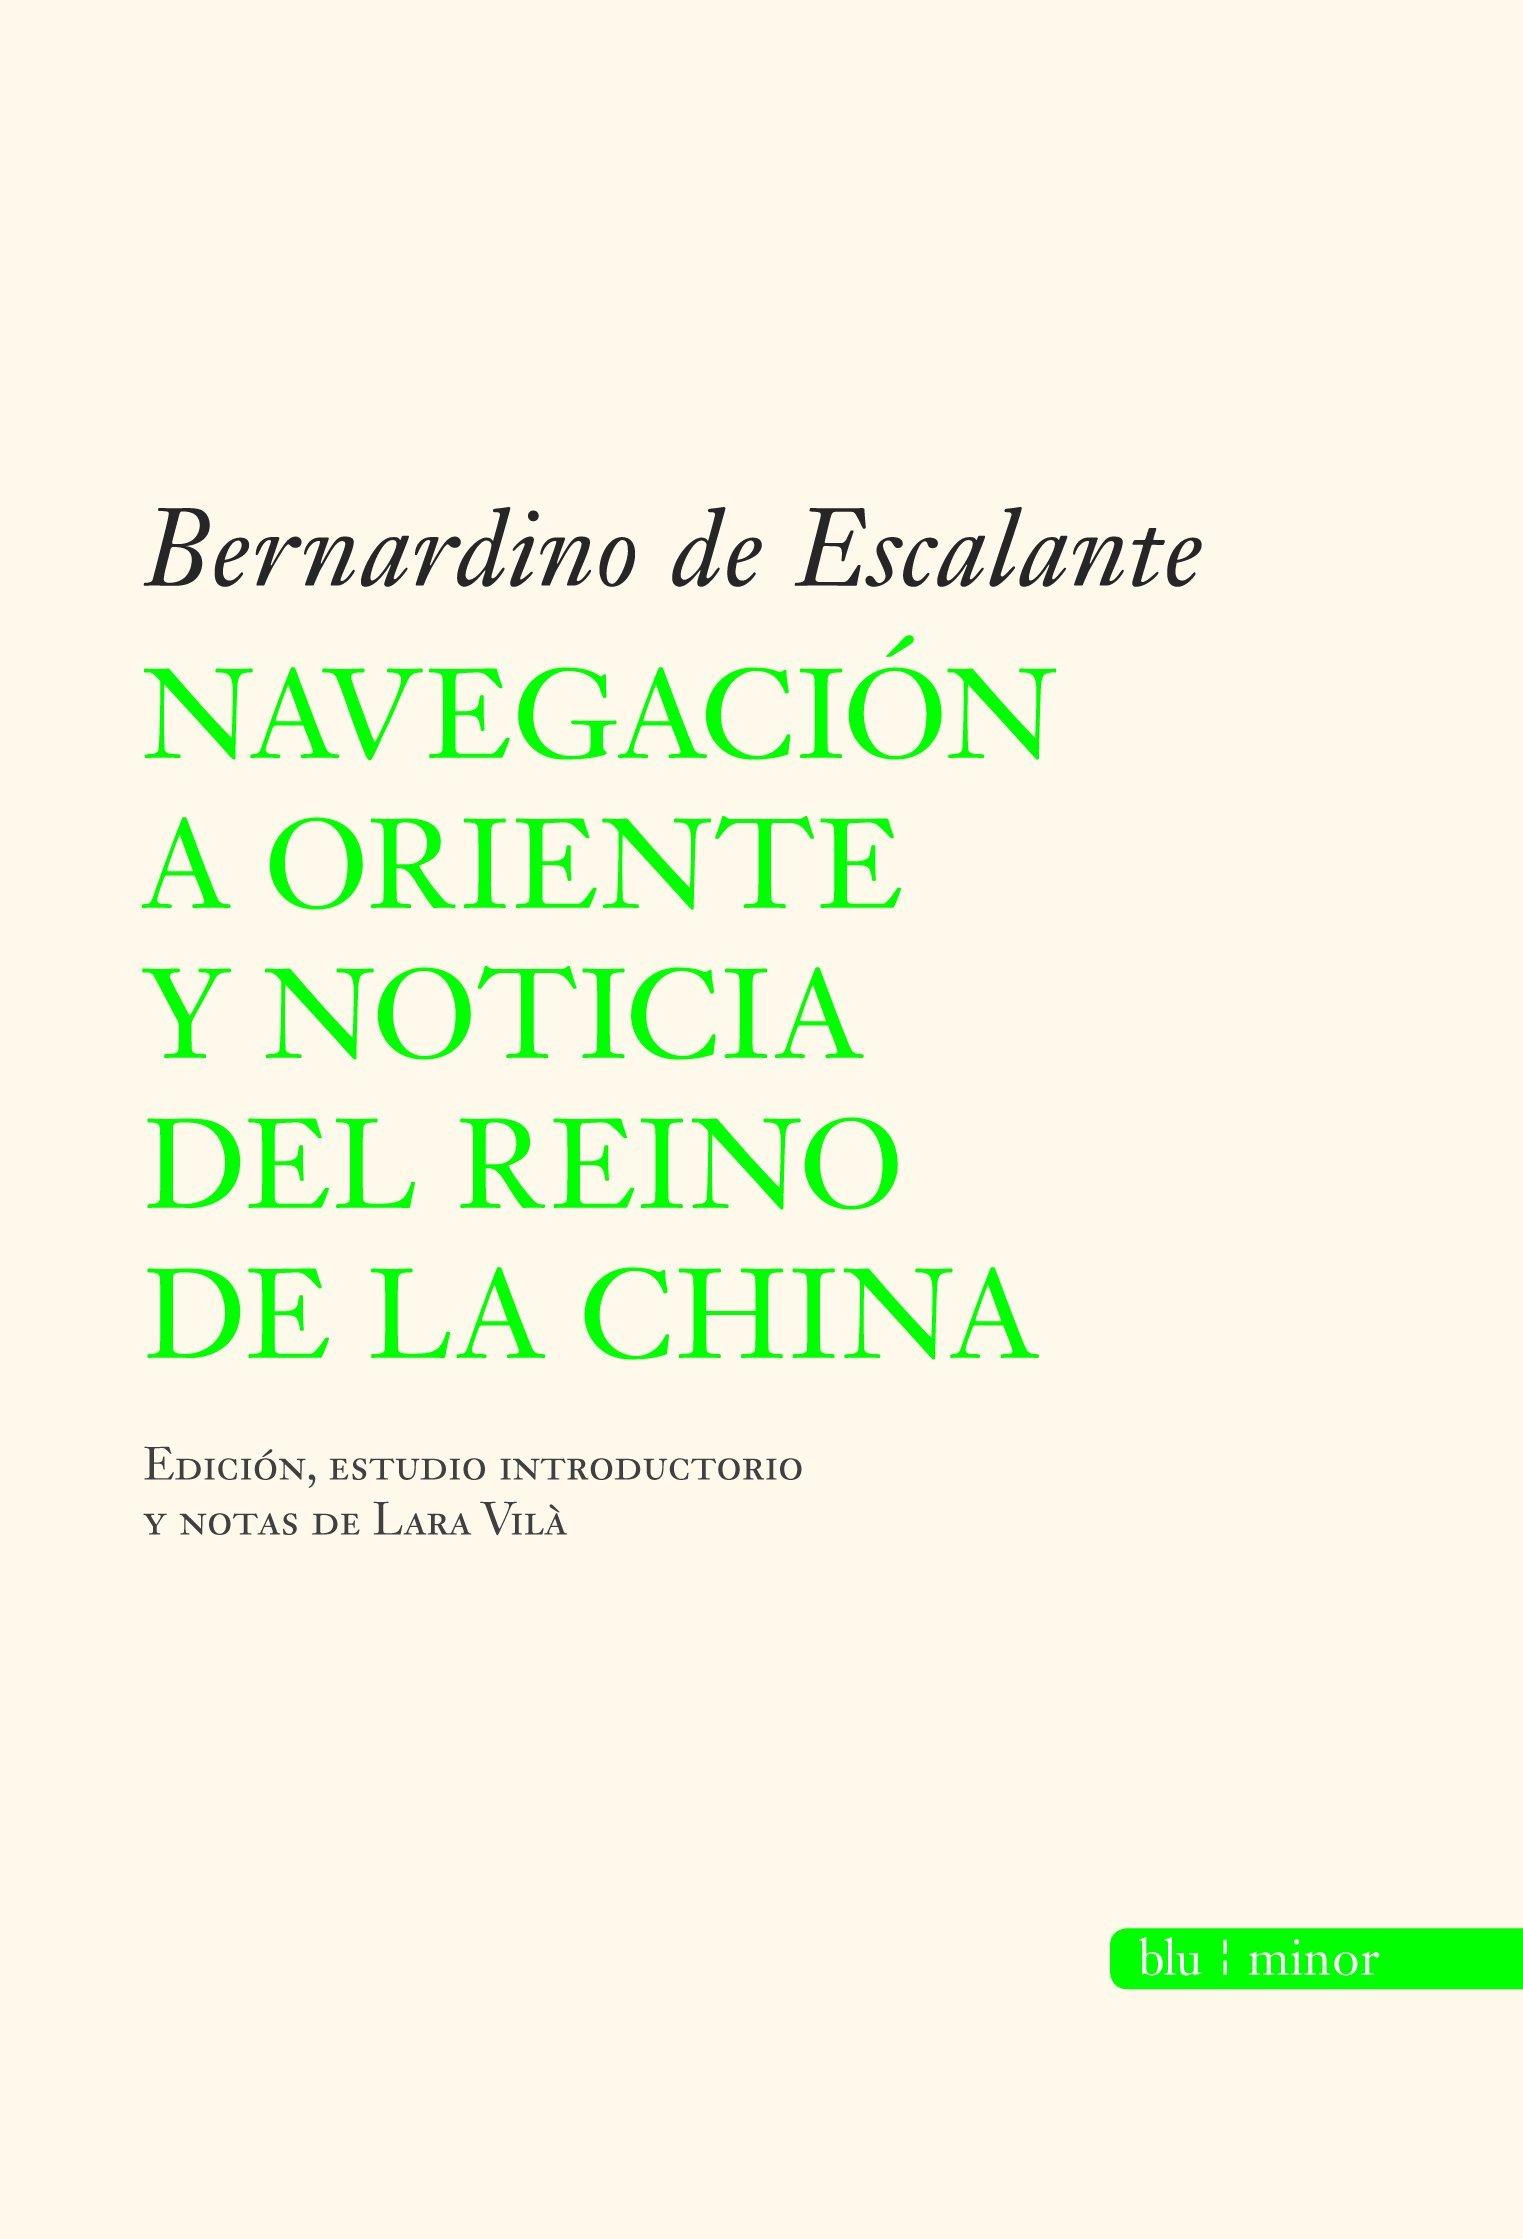 Navegación a Oriente y noticia del reino de la China: Bernardino de Escalante Blu Minor almuzara: Amazon.es: Escalante, Bernardino De: Libros